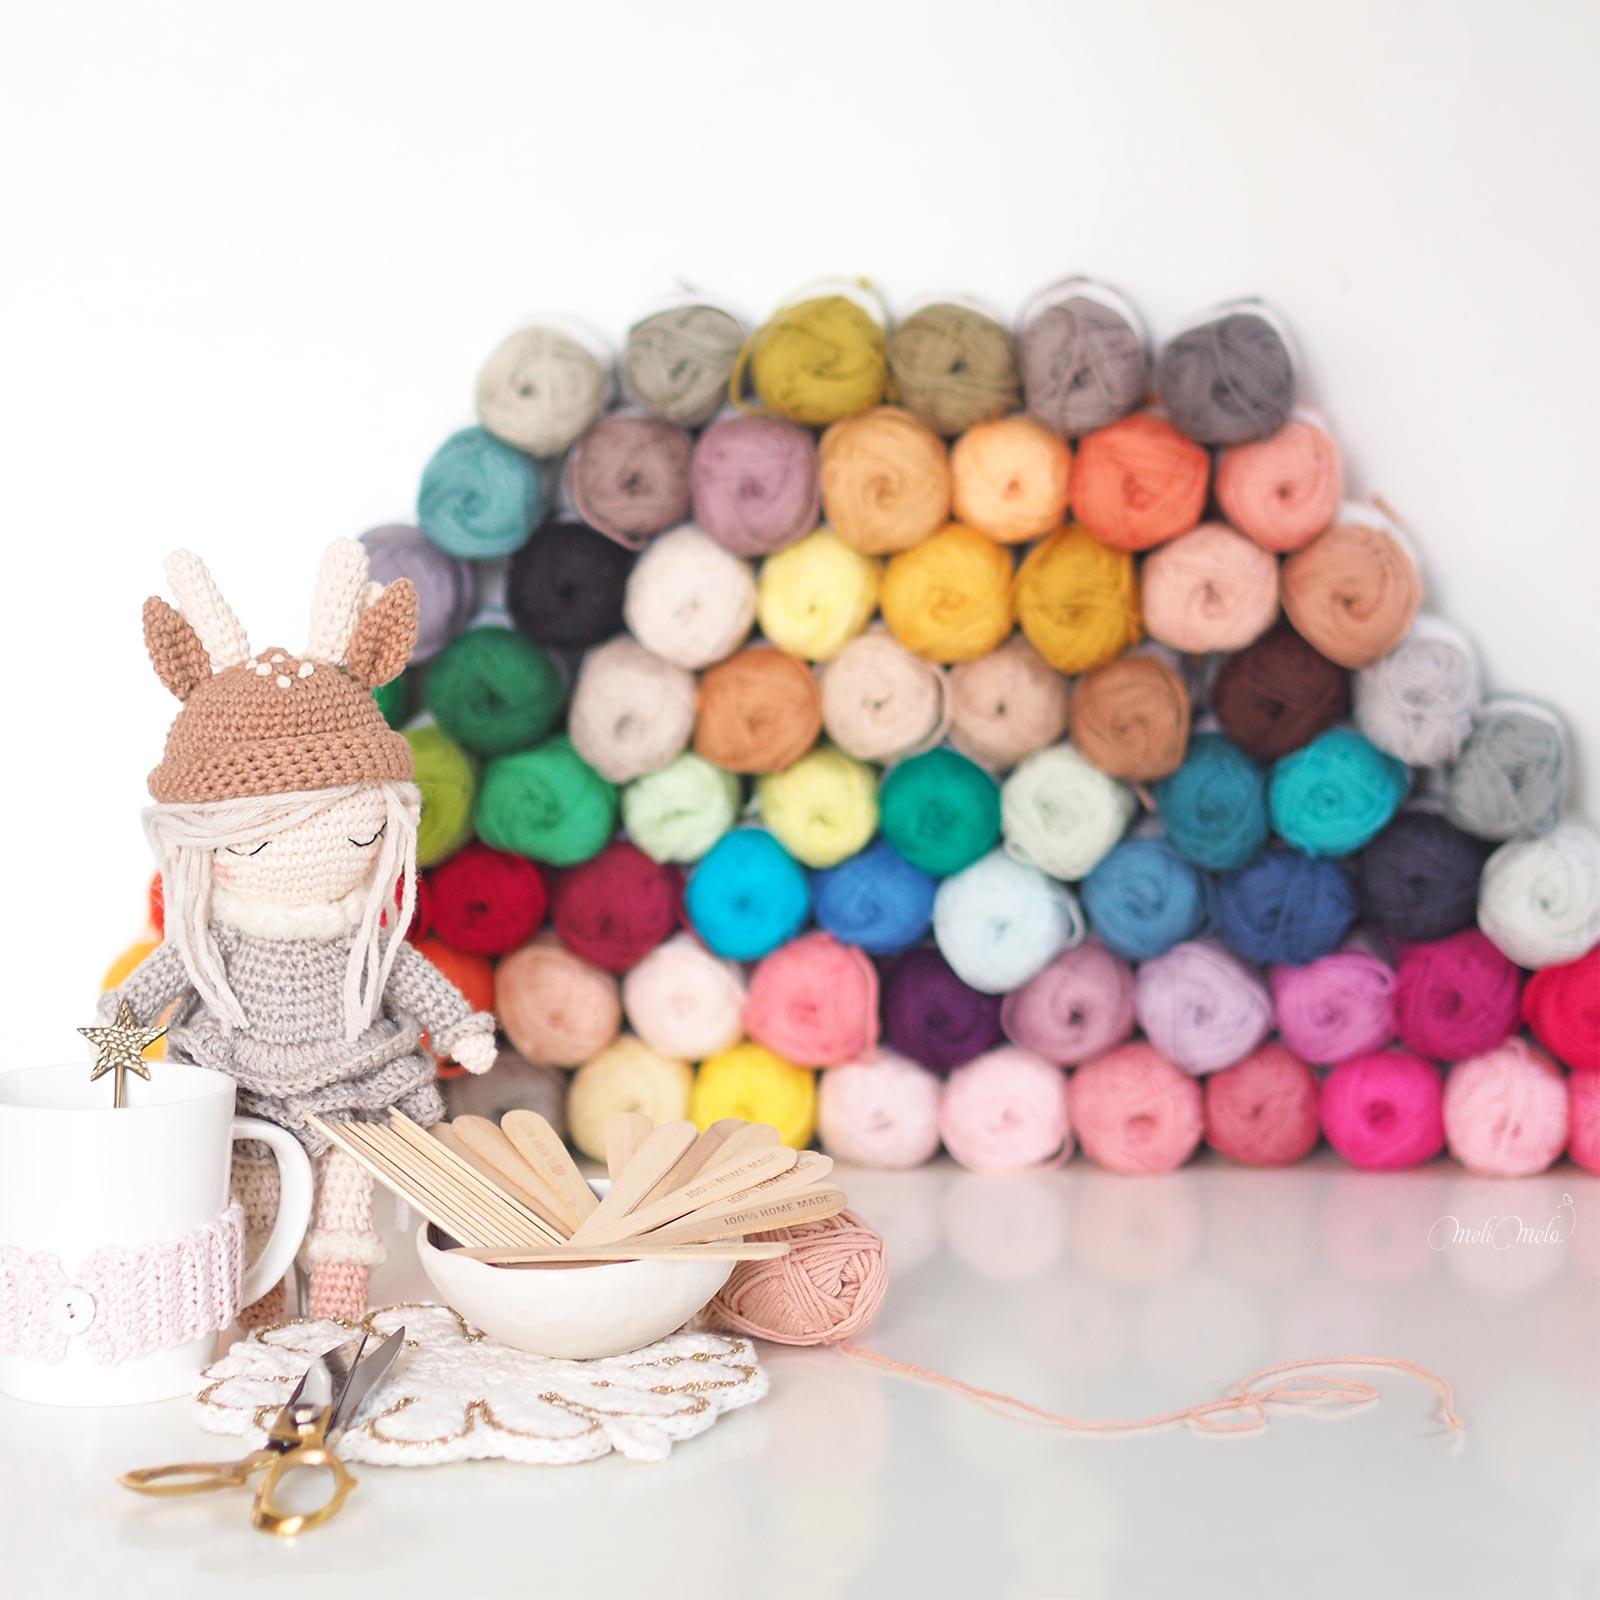 poupee-pensebonheur-coton-ricorumi-rainbow-laboutiquedemelimelo